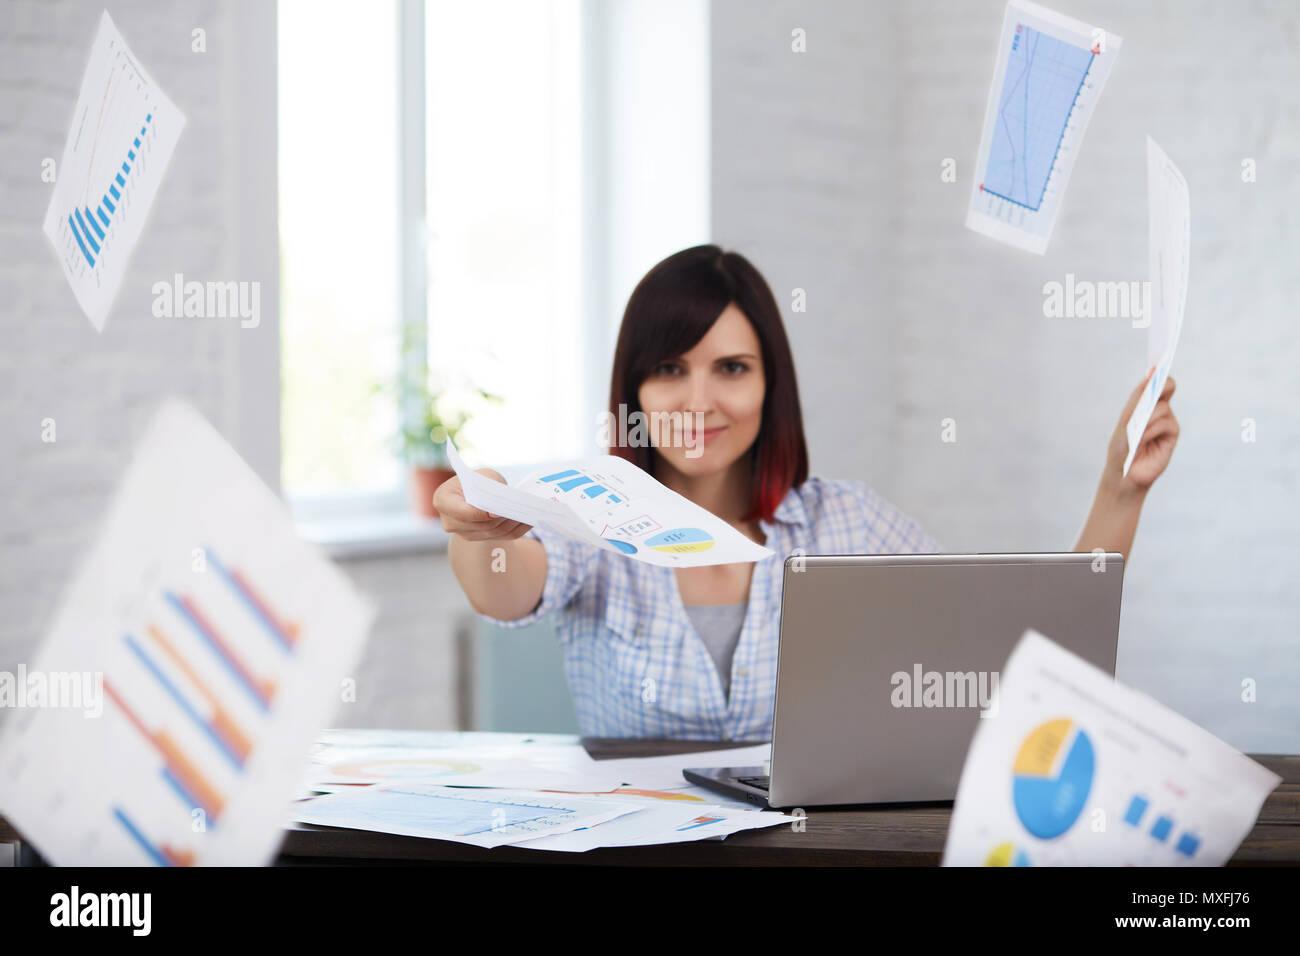 Glücklich und lächelnd weibliche Arbeiter wirft Dokumente im Büro mit fallender Papiere um. Nacharbeiten in der Zeit. Zeit-management, Termin Konzept. Stockfoto